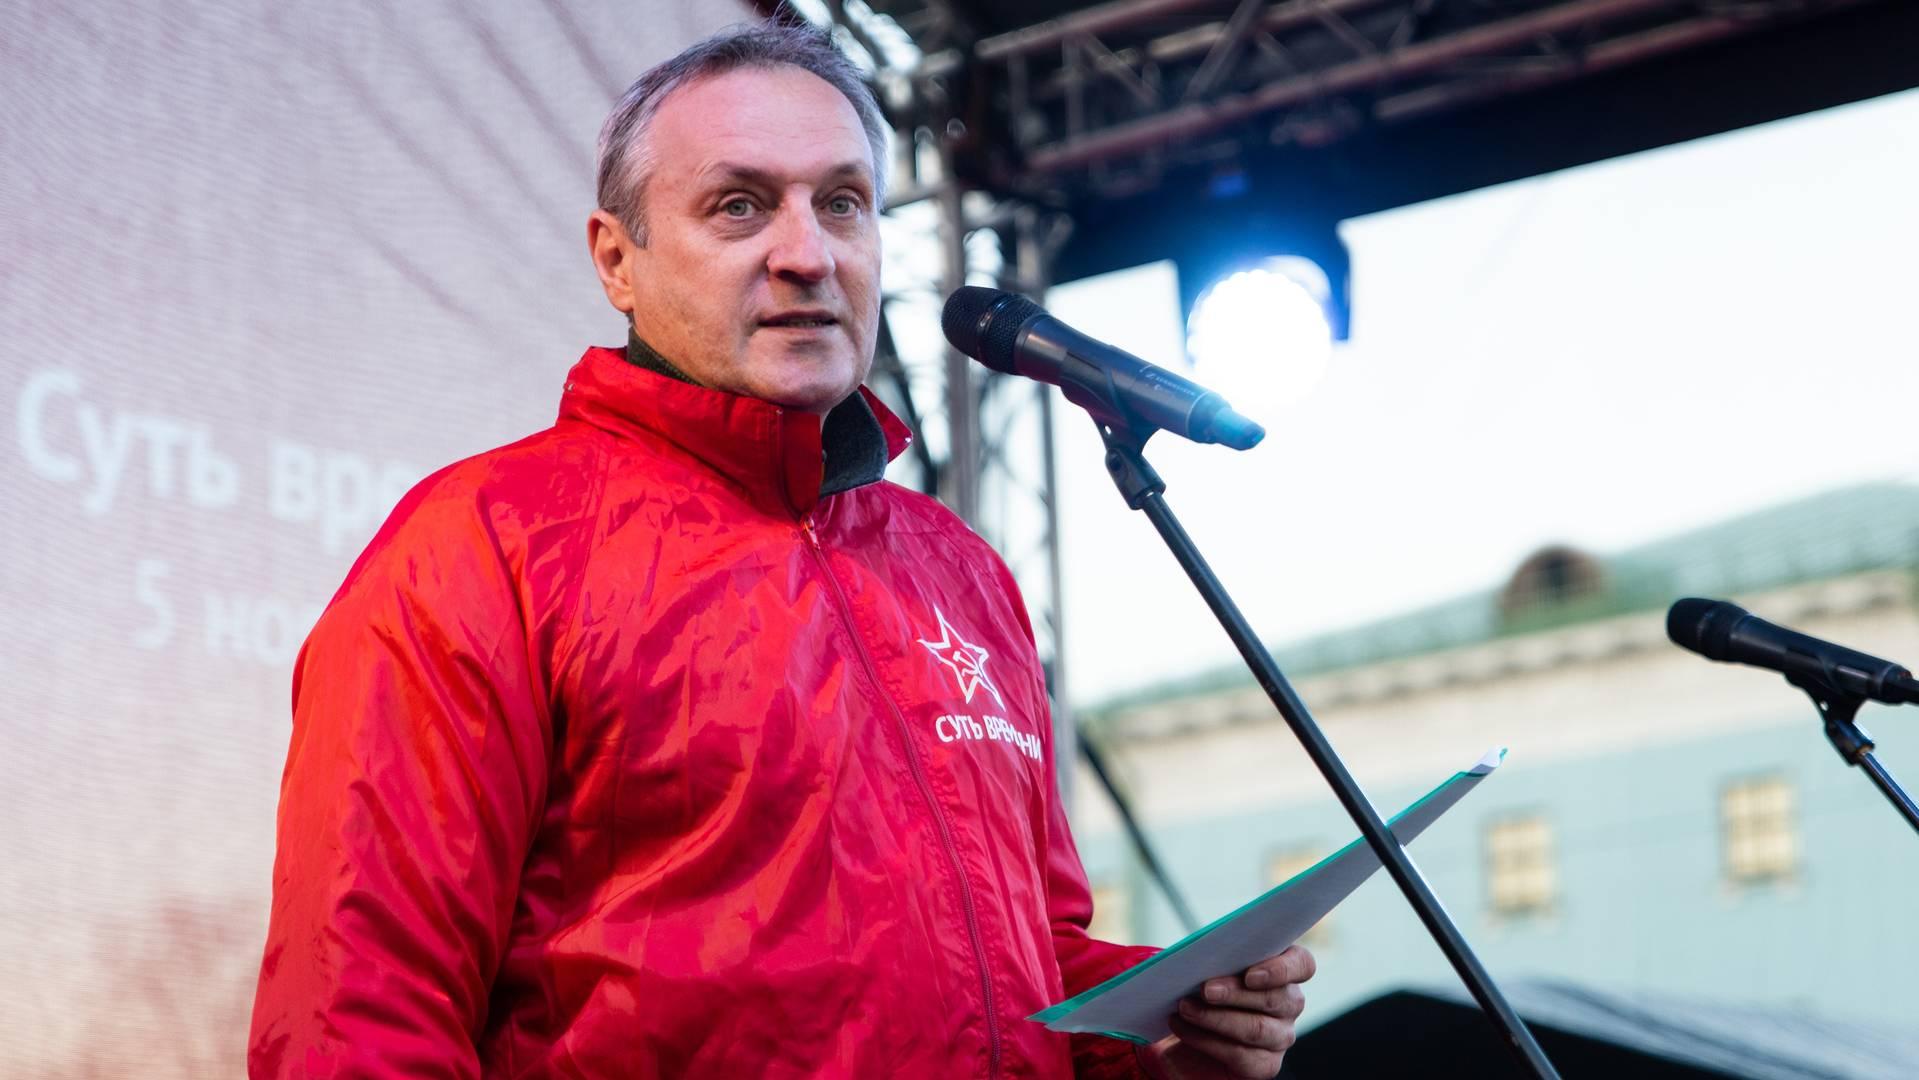 Игорь Кудряшов на митинге «Сути времени» в Москве, 5 ноября 2018 г.